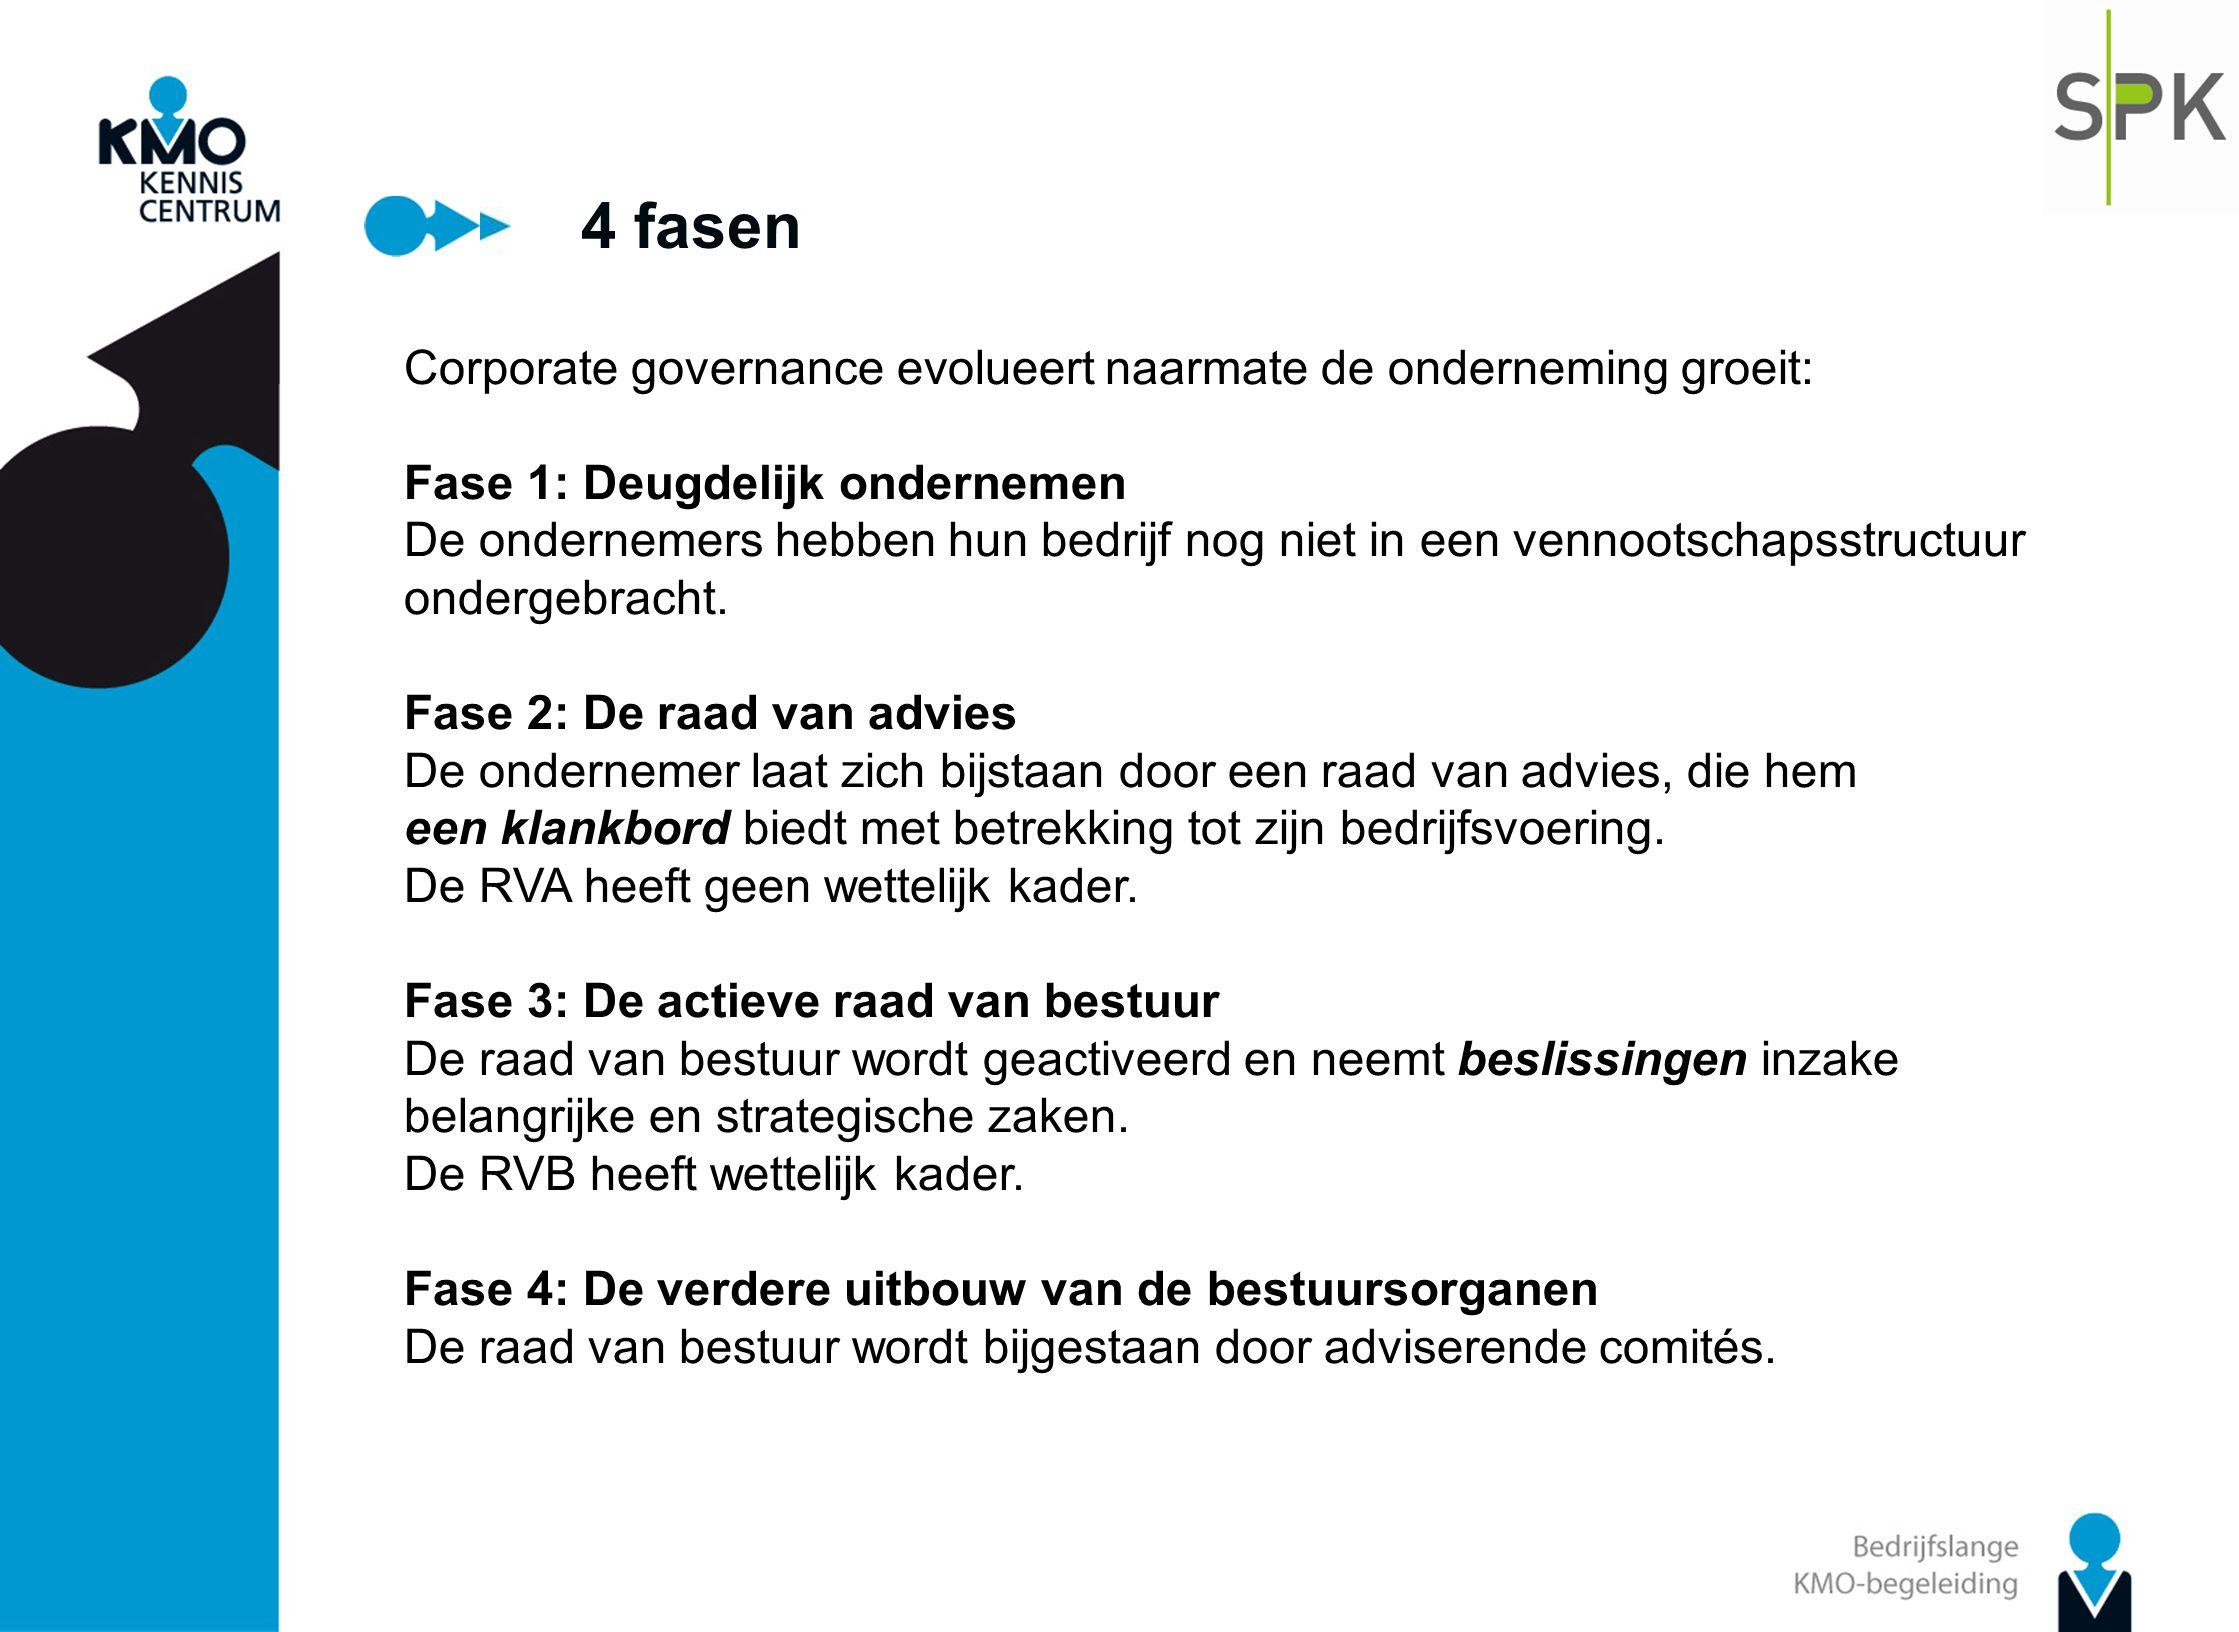 4 fasen Corporate governance evolueert naarmate de onderneming groeit: Fase 1: Deugdelijk ondernemen De ondernemers hebben hun bedrijf nog niet in een